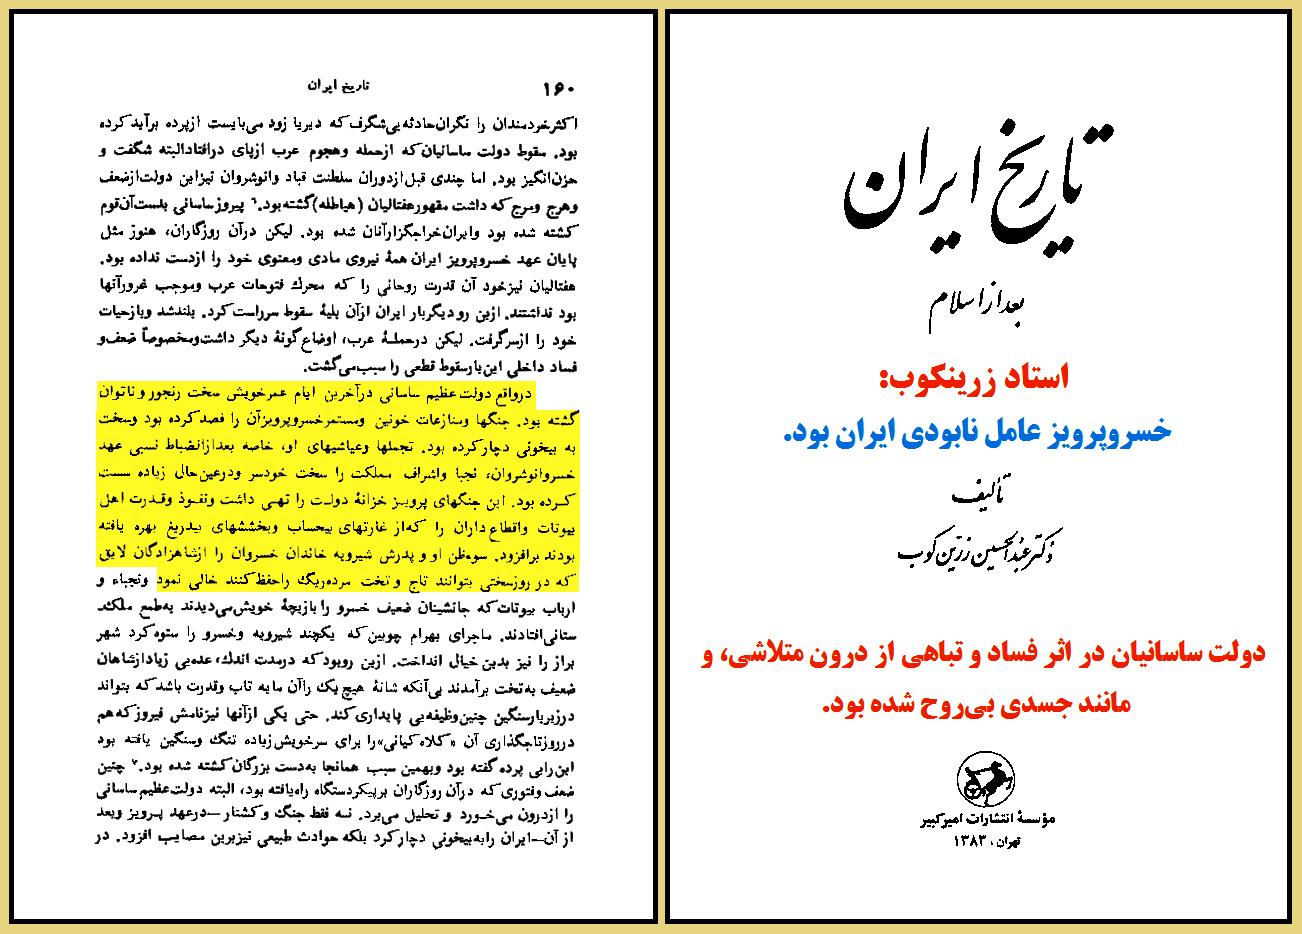 استاد زرینکوب: خسروپرویز عامل انحطاط حکومت ساسانیان